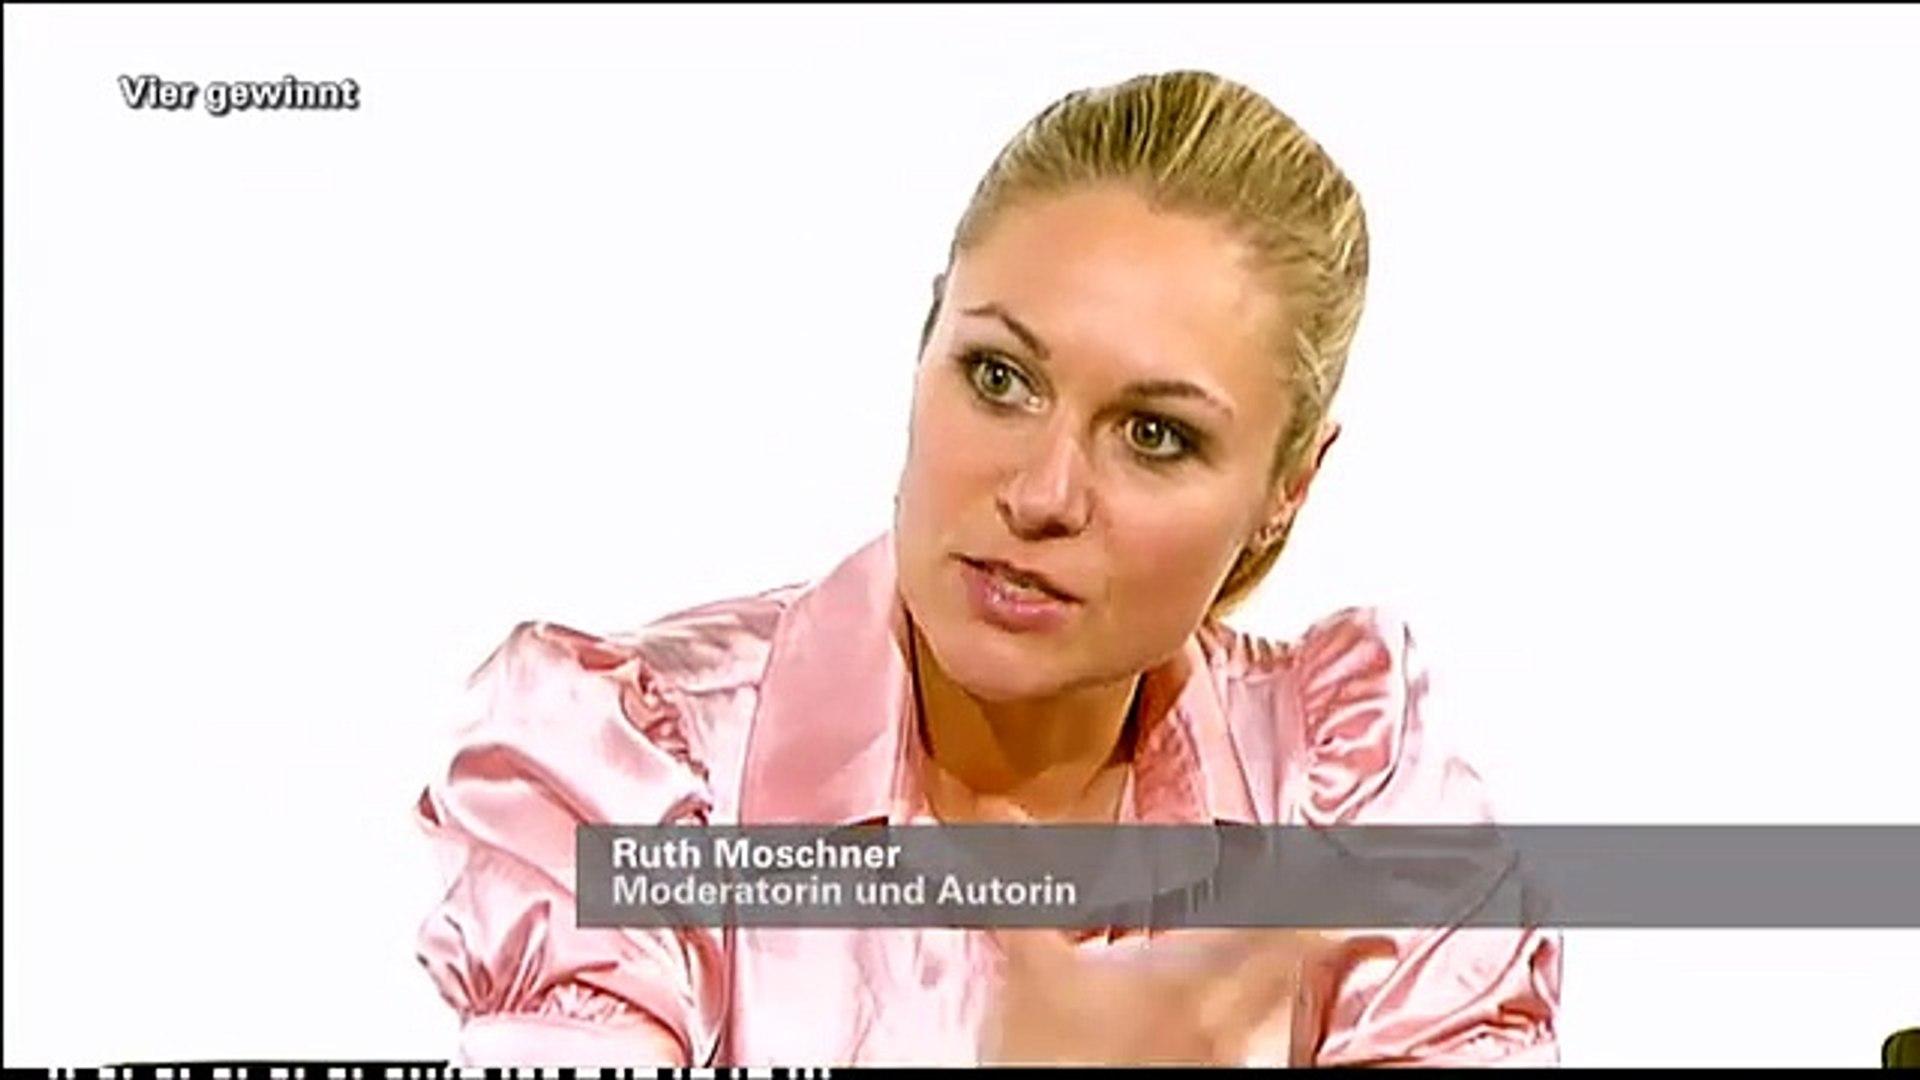 Fdp Ins Dschungelcamp Findet Ruth Moschner 4 Gewinnt